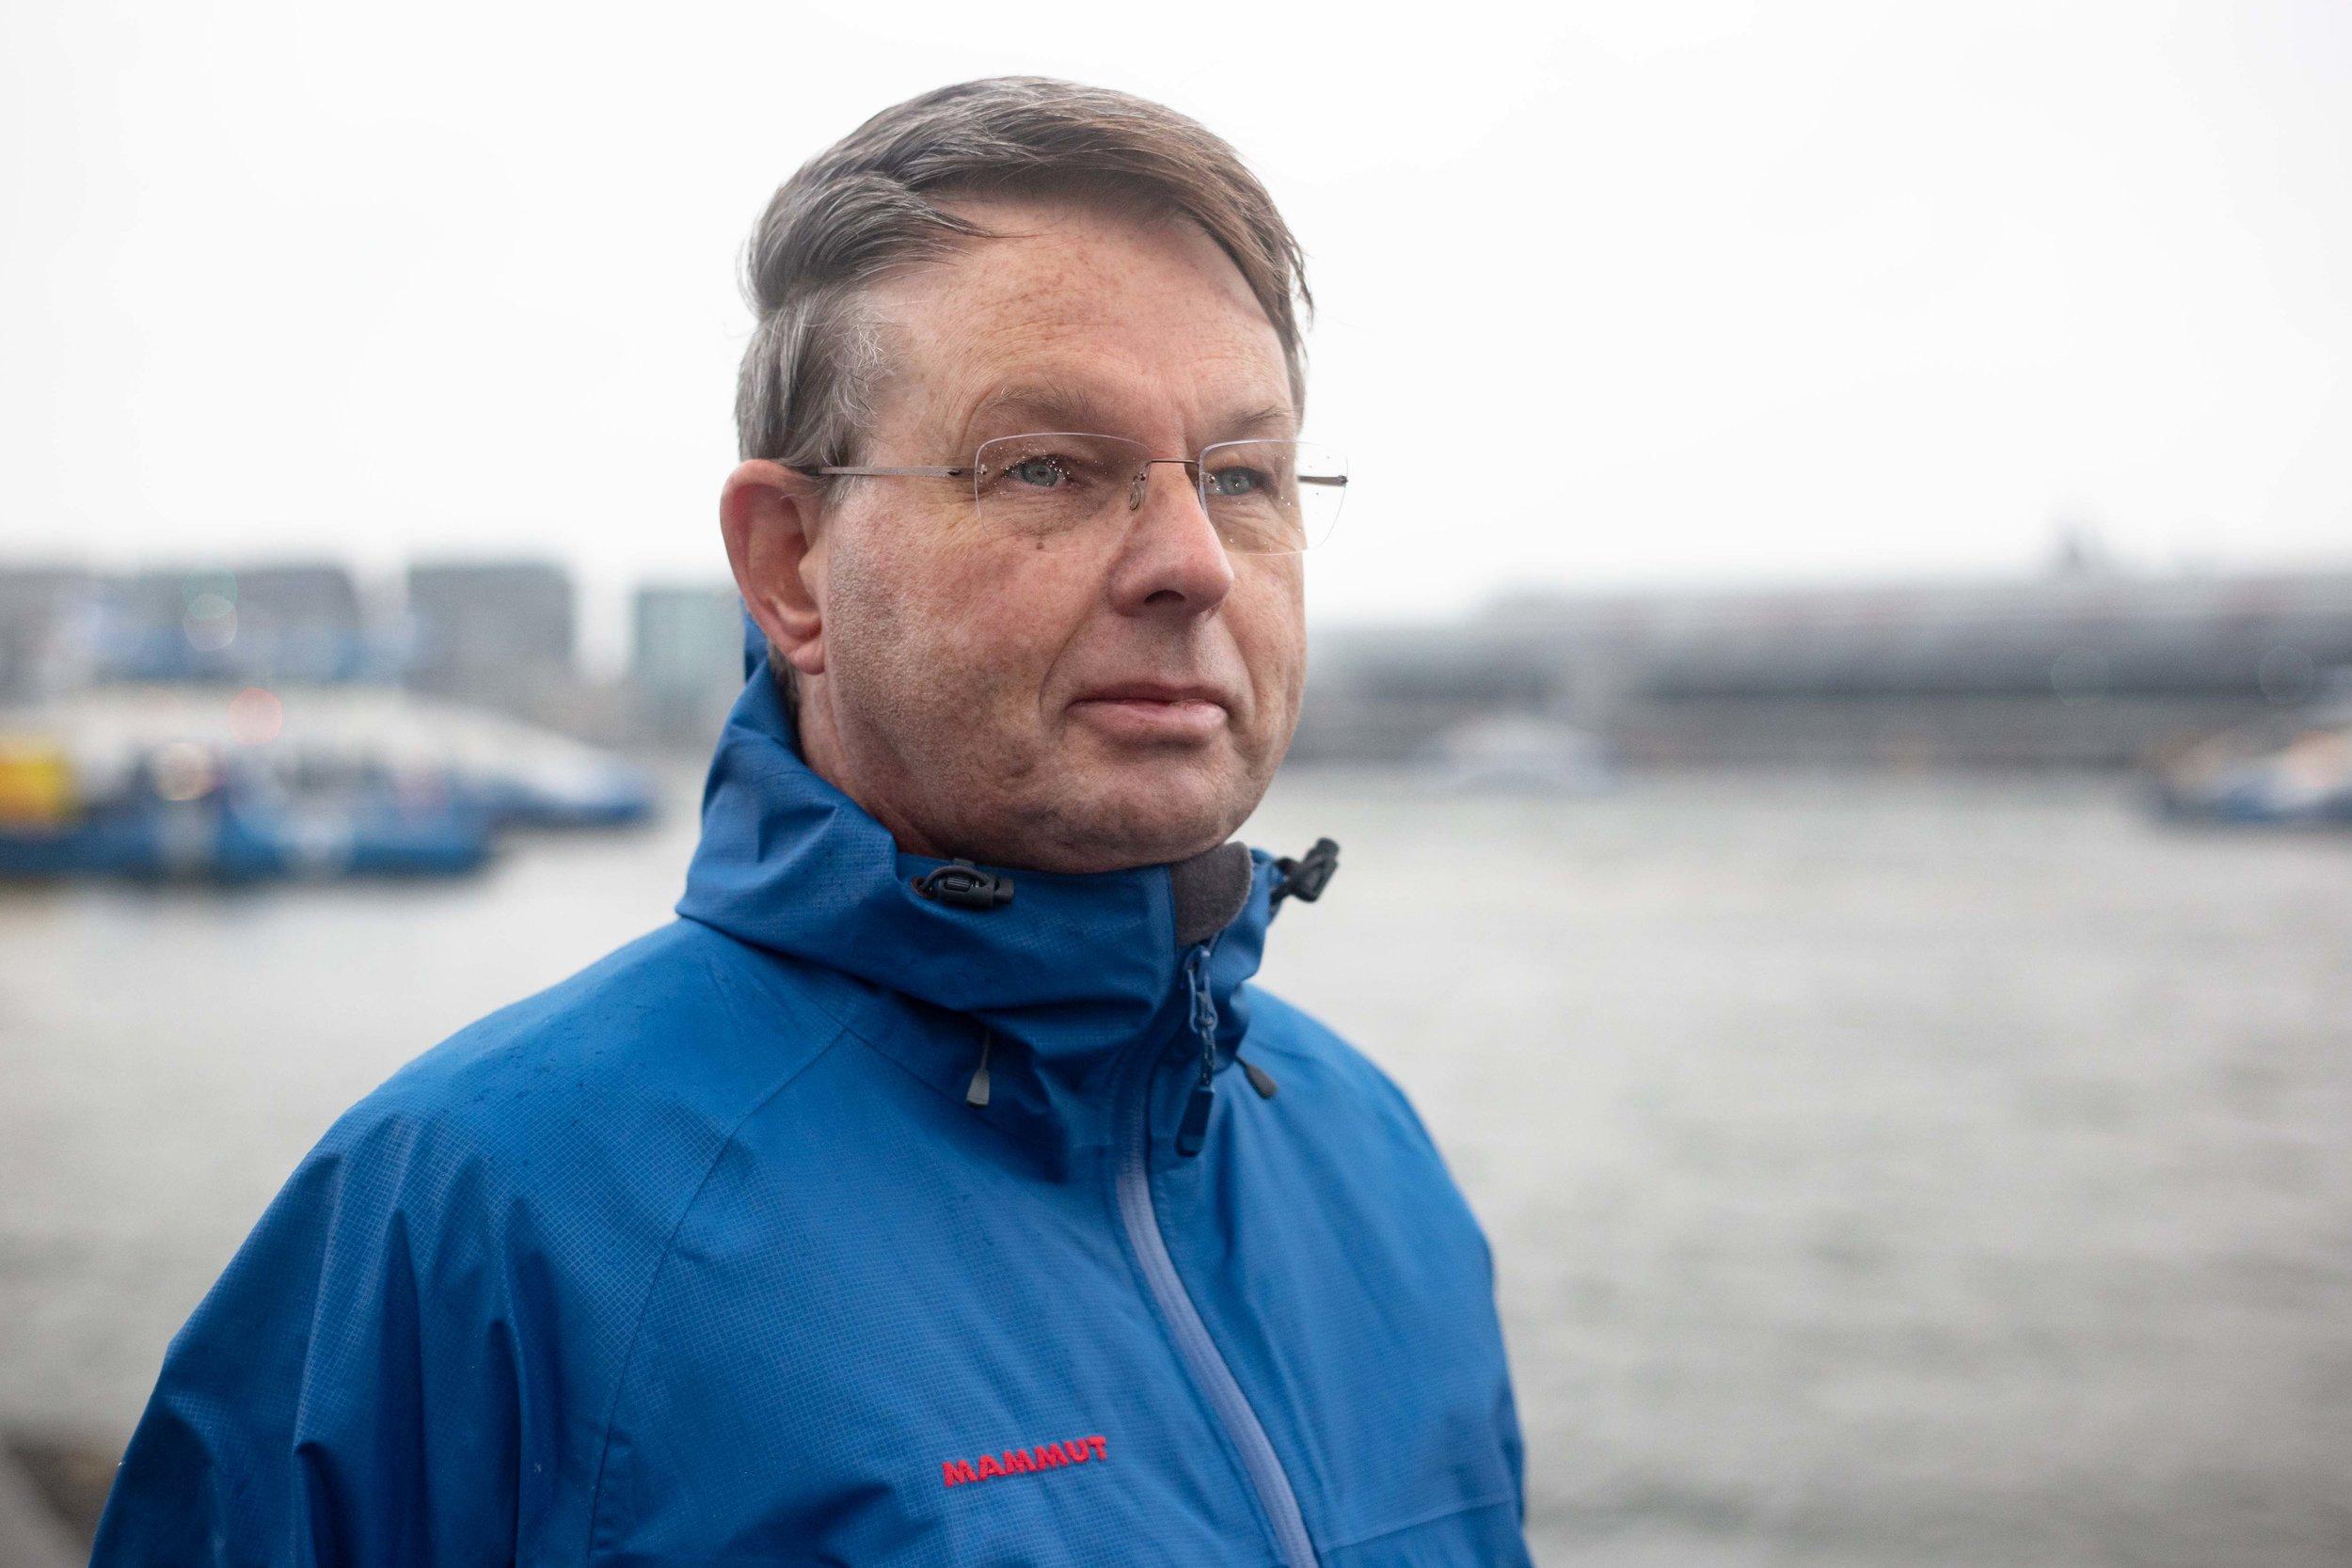 Niels van der Noll 9 blog.jpg